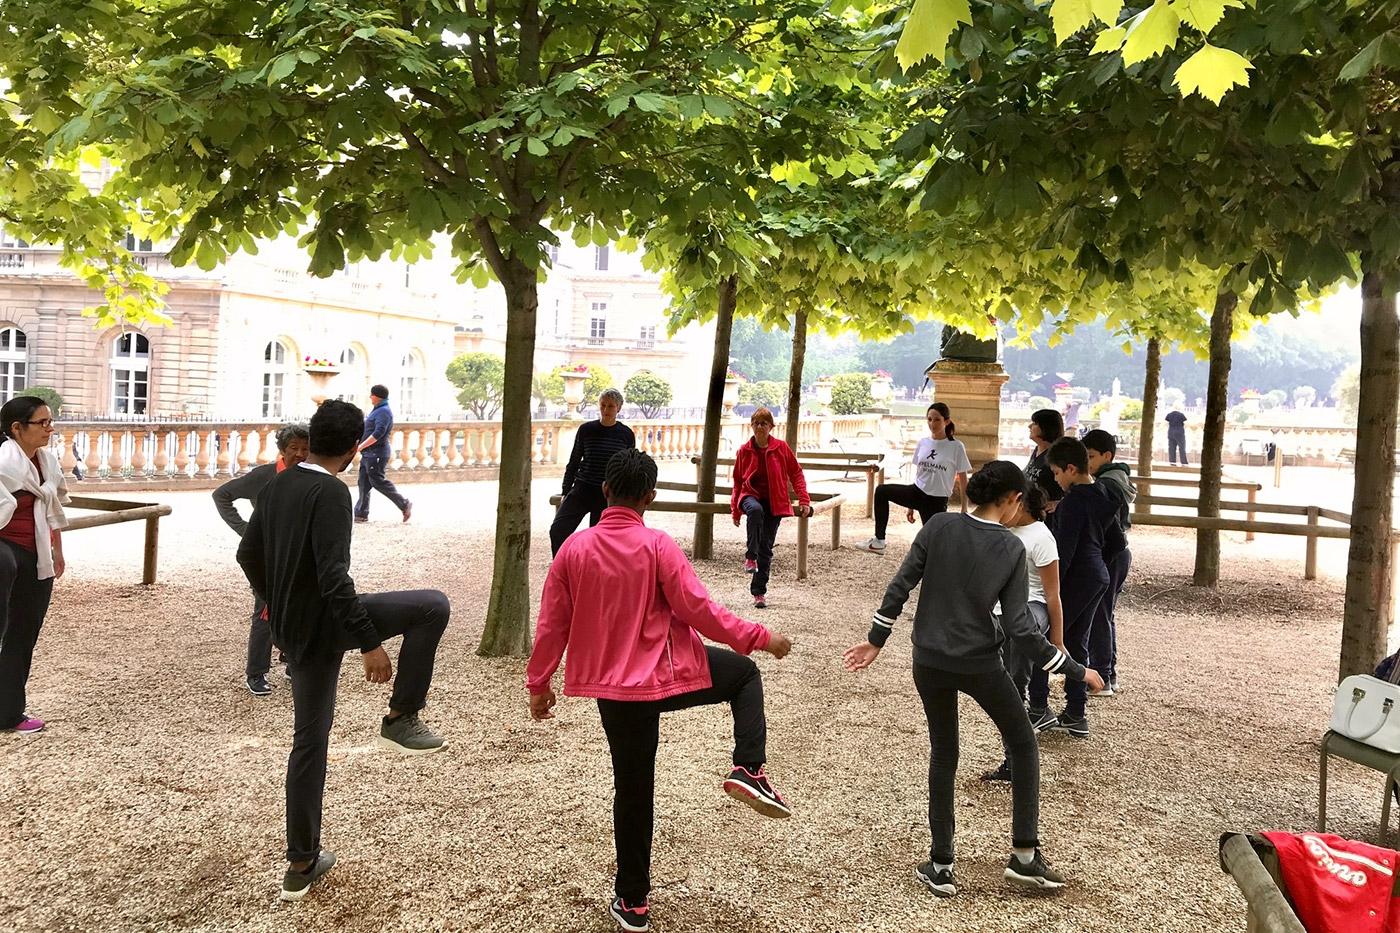 Séance de sport adapté du Centre ressource-Paris avec les collégiens au jardin du Luxembourg